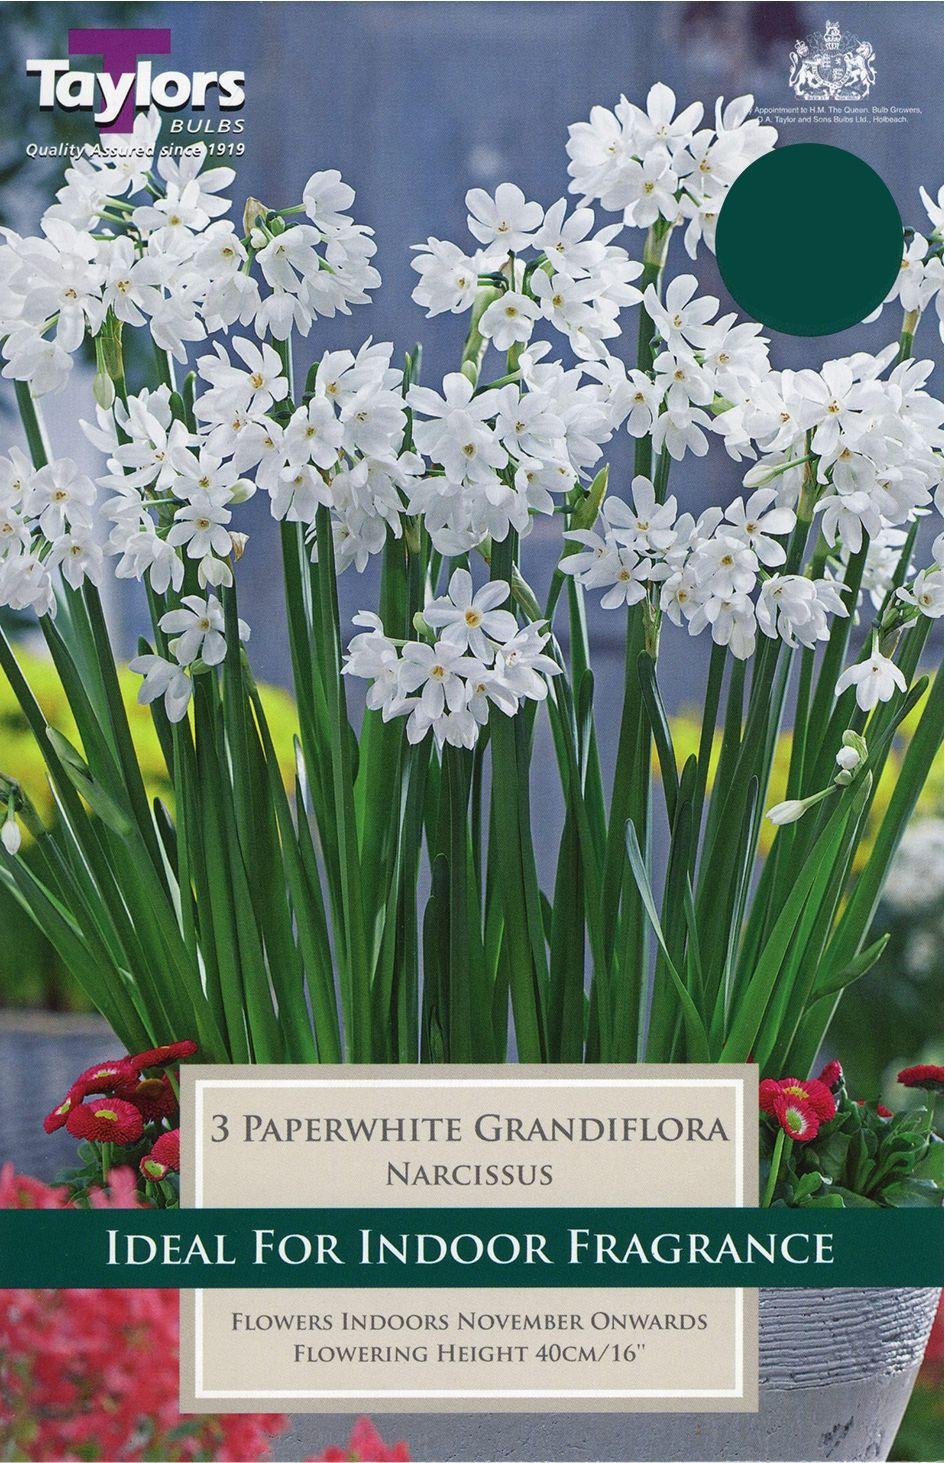 PAPERWHITE GRANDIFLORA